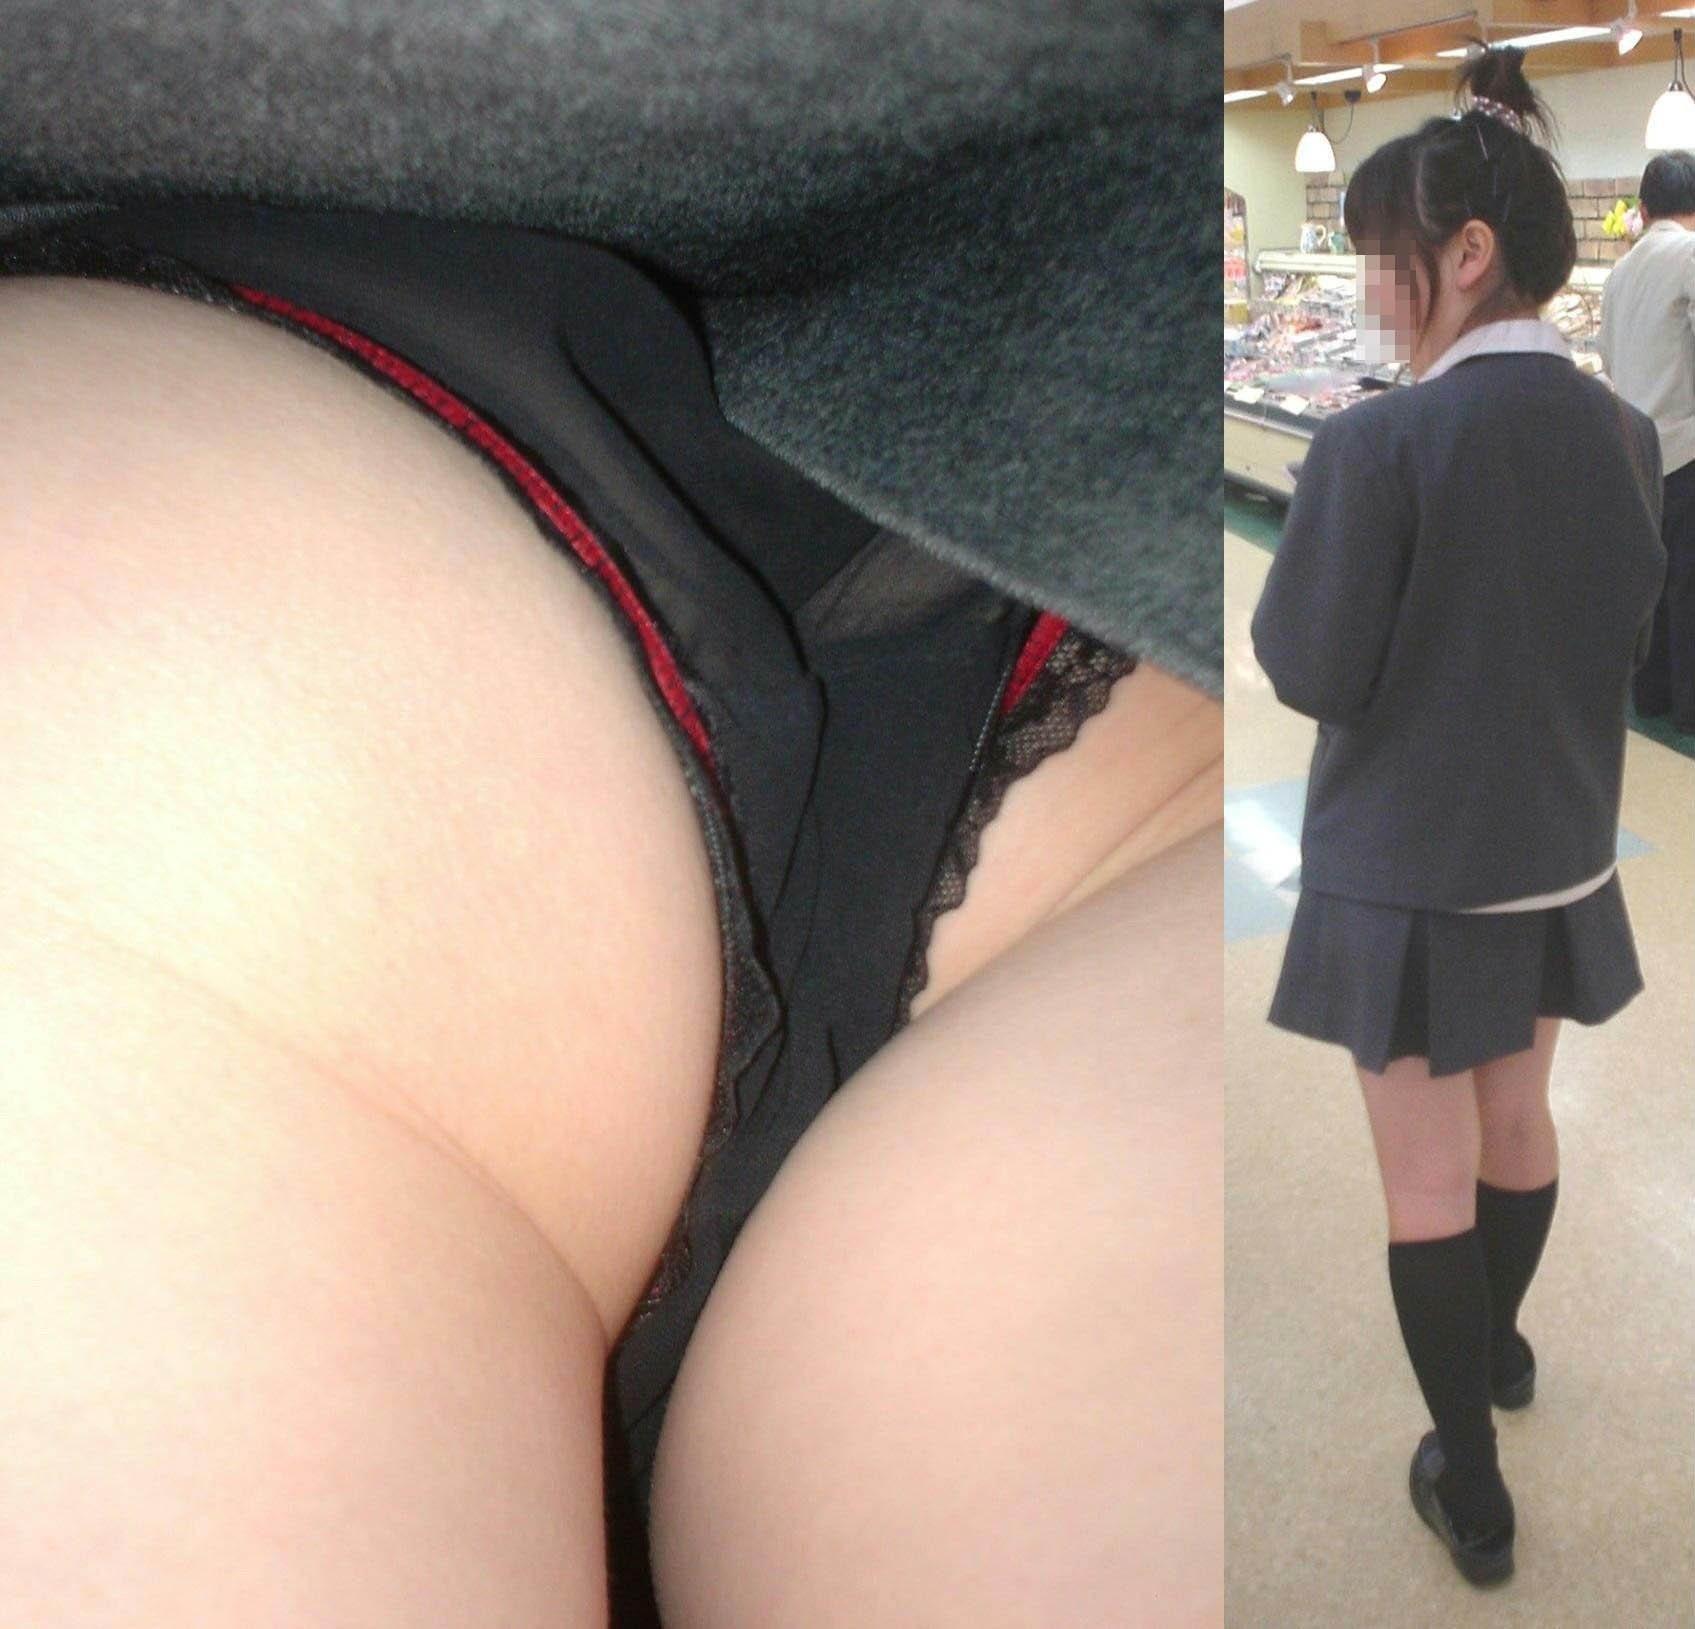 黒パンティー履いた女子校生を逆さ撮り!